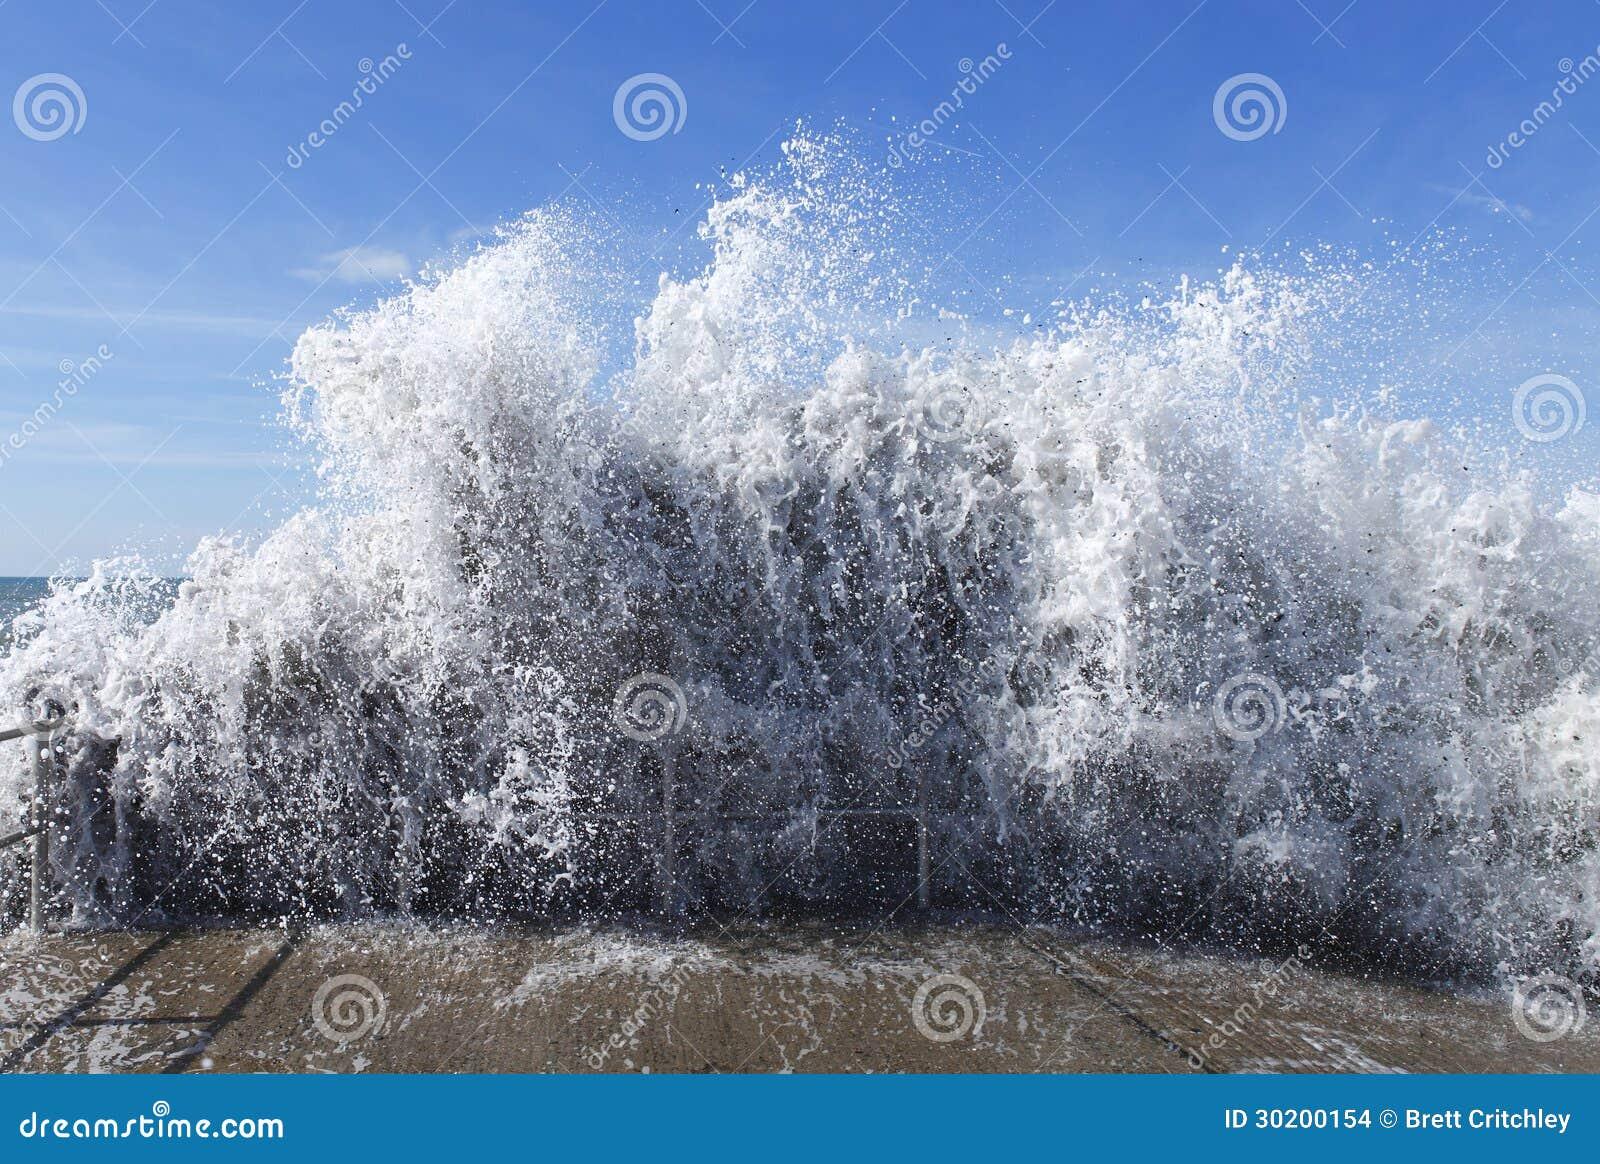 水海啸波浪